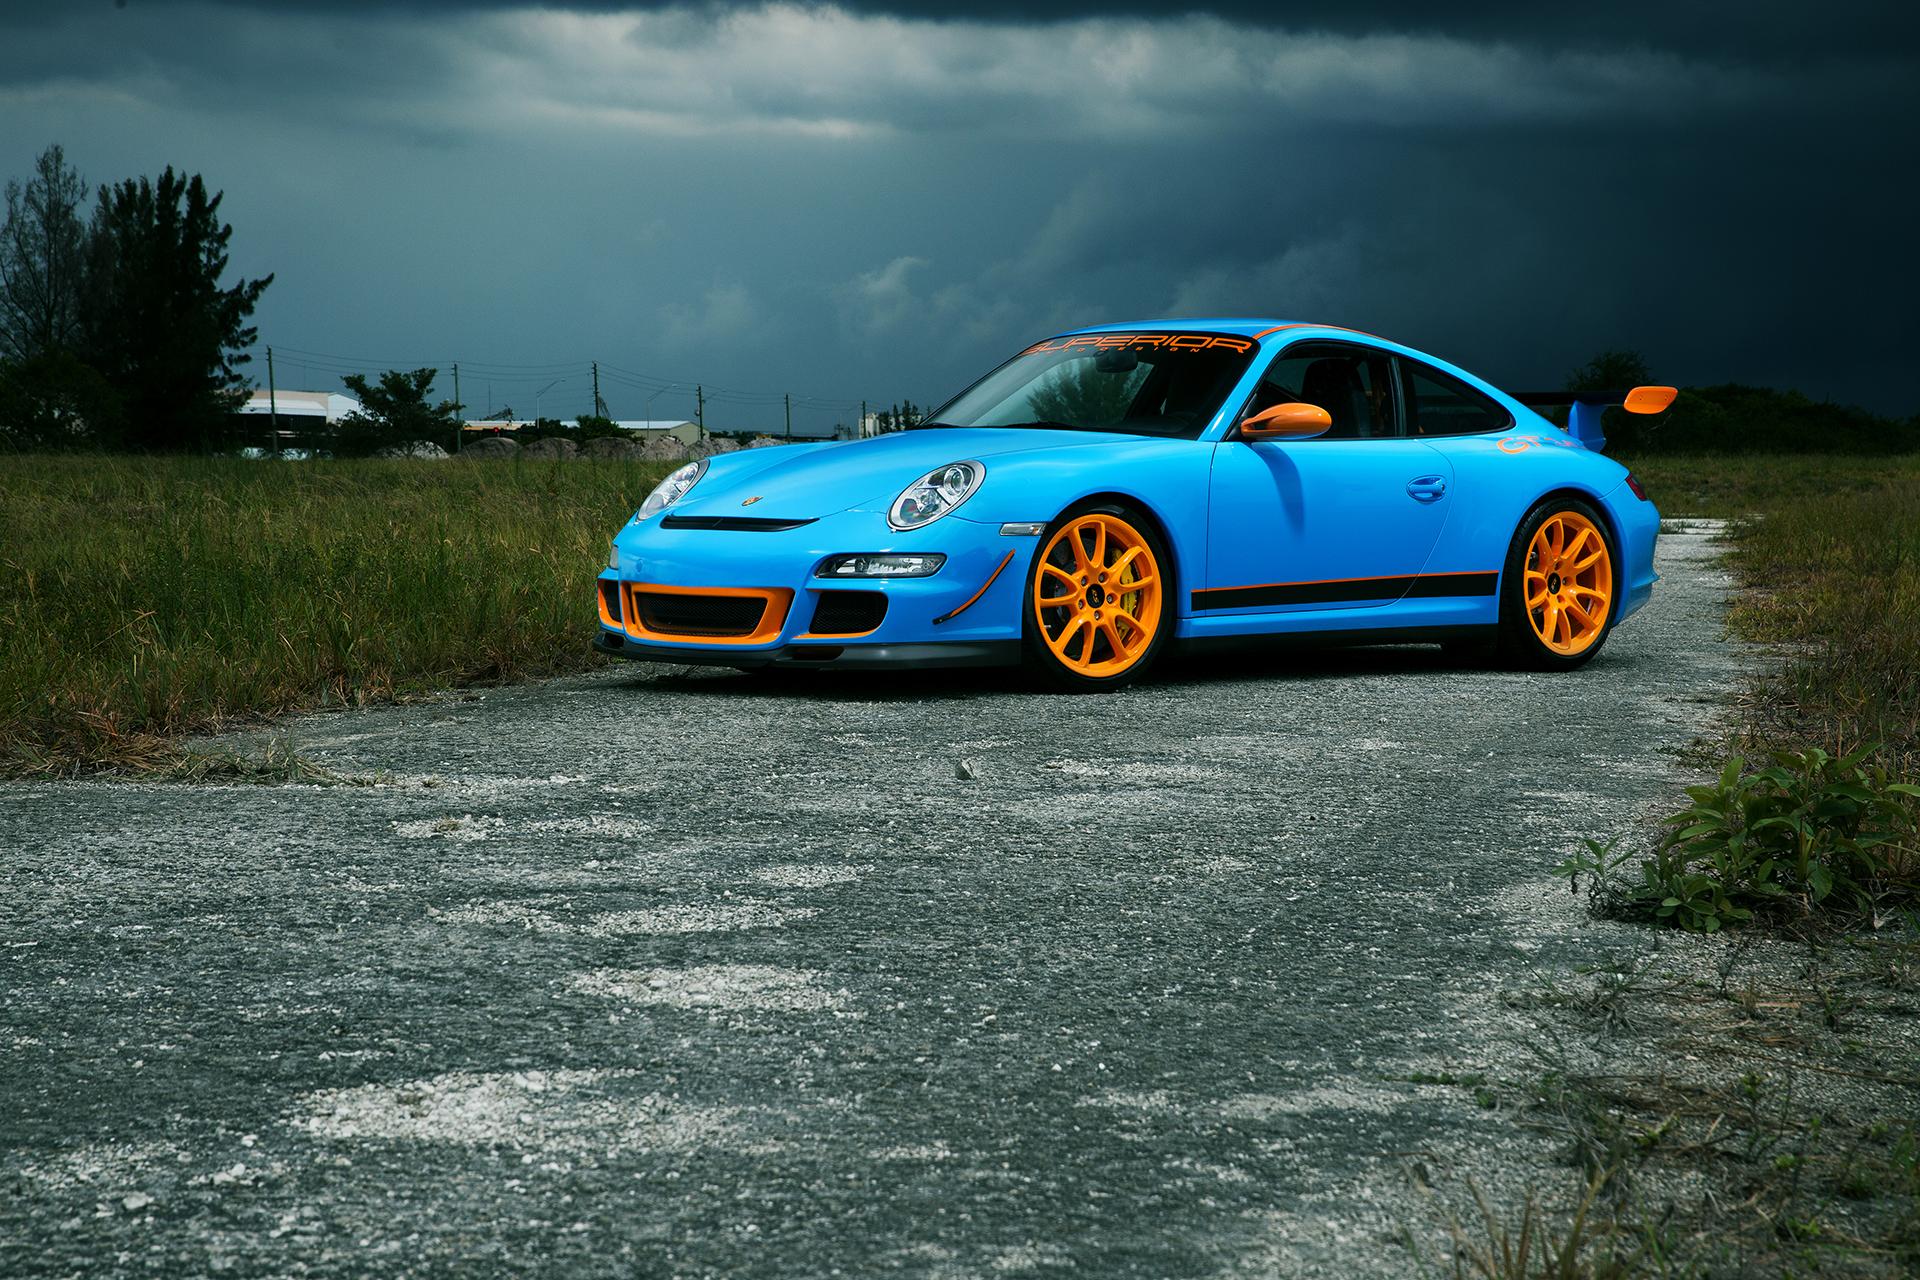 Blue Porsche GT3